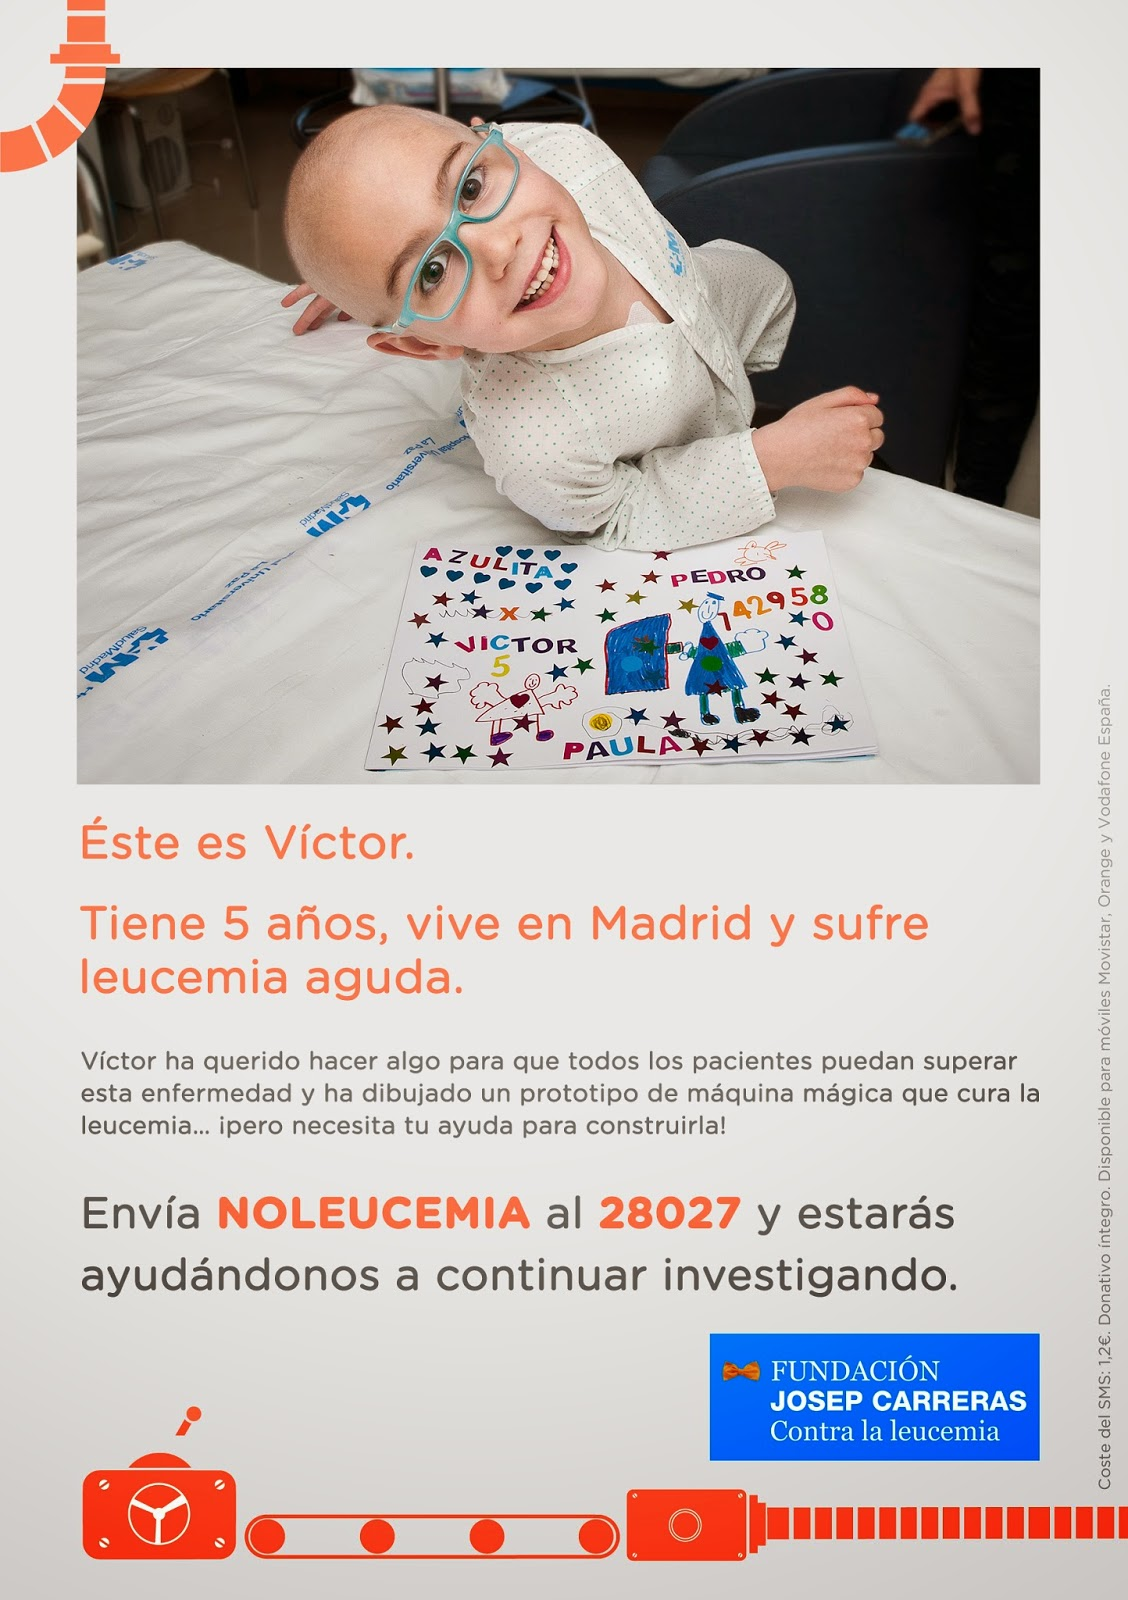 Campaña para la investigación de la leucemia